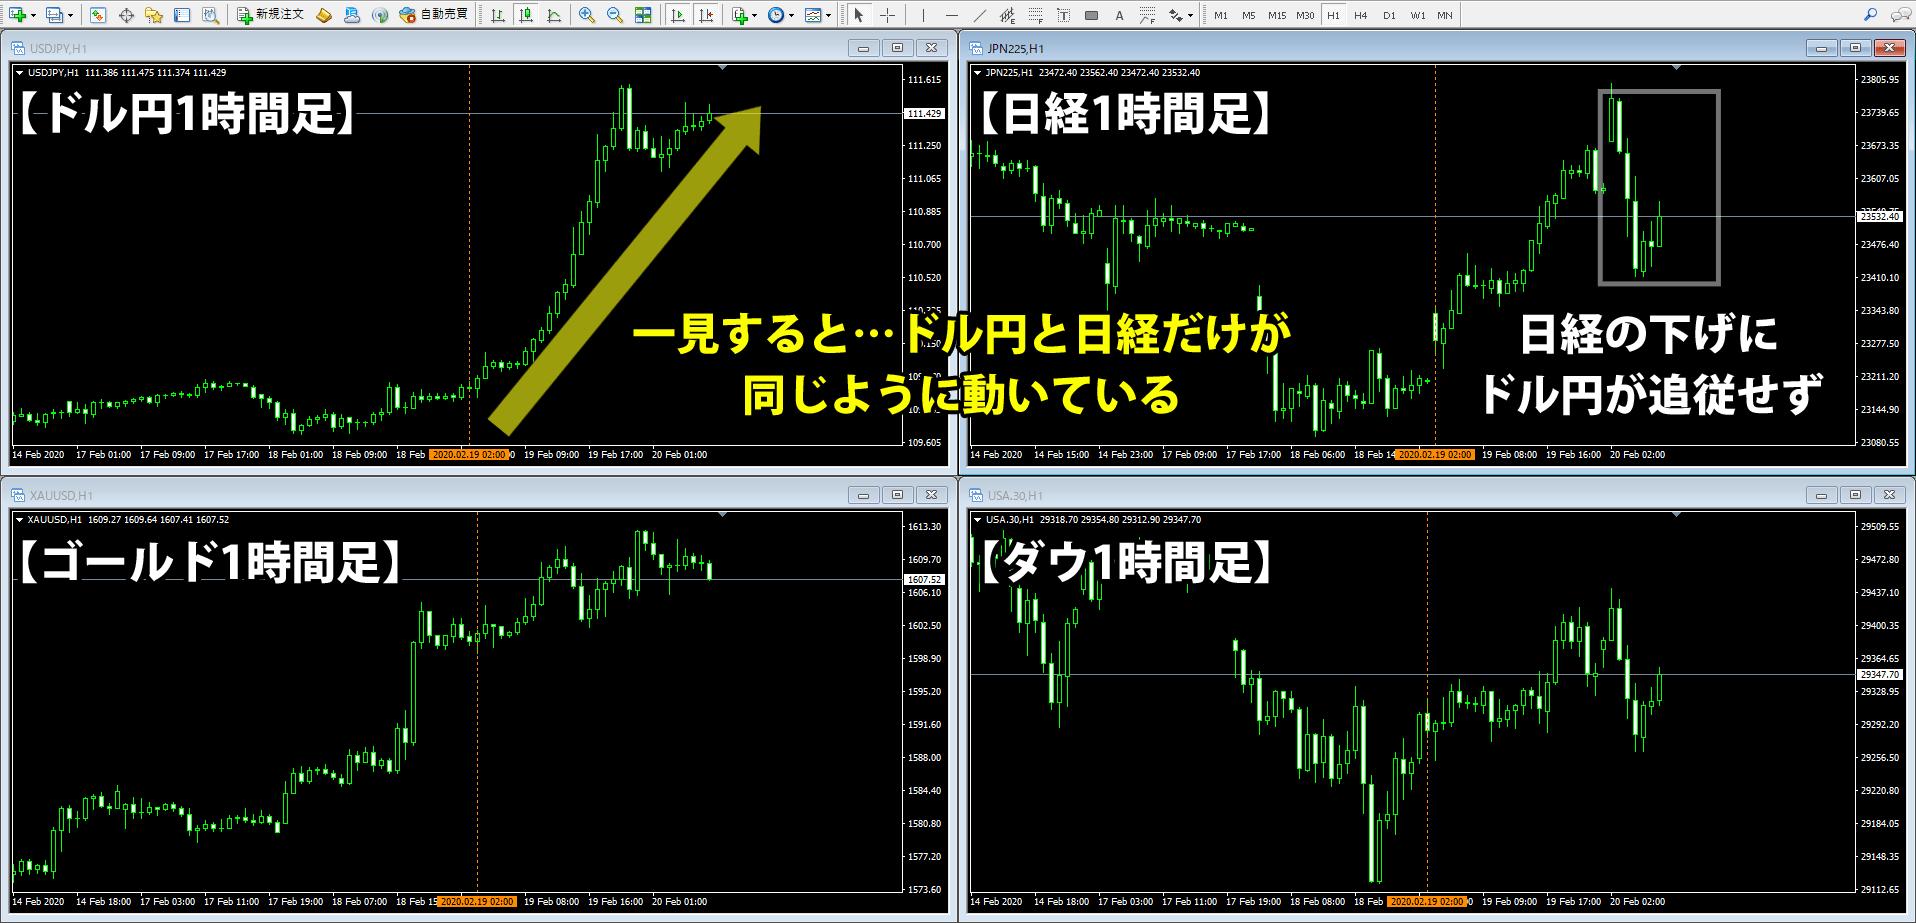 2月19日のドル円・ゴールド・日経・ダウのチャート比較